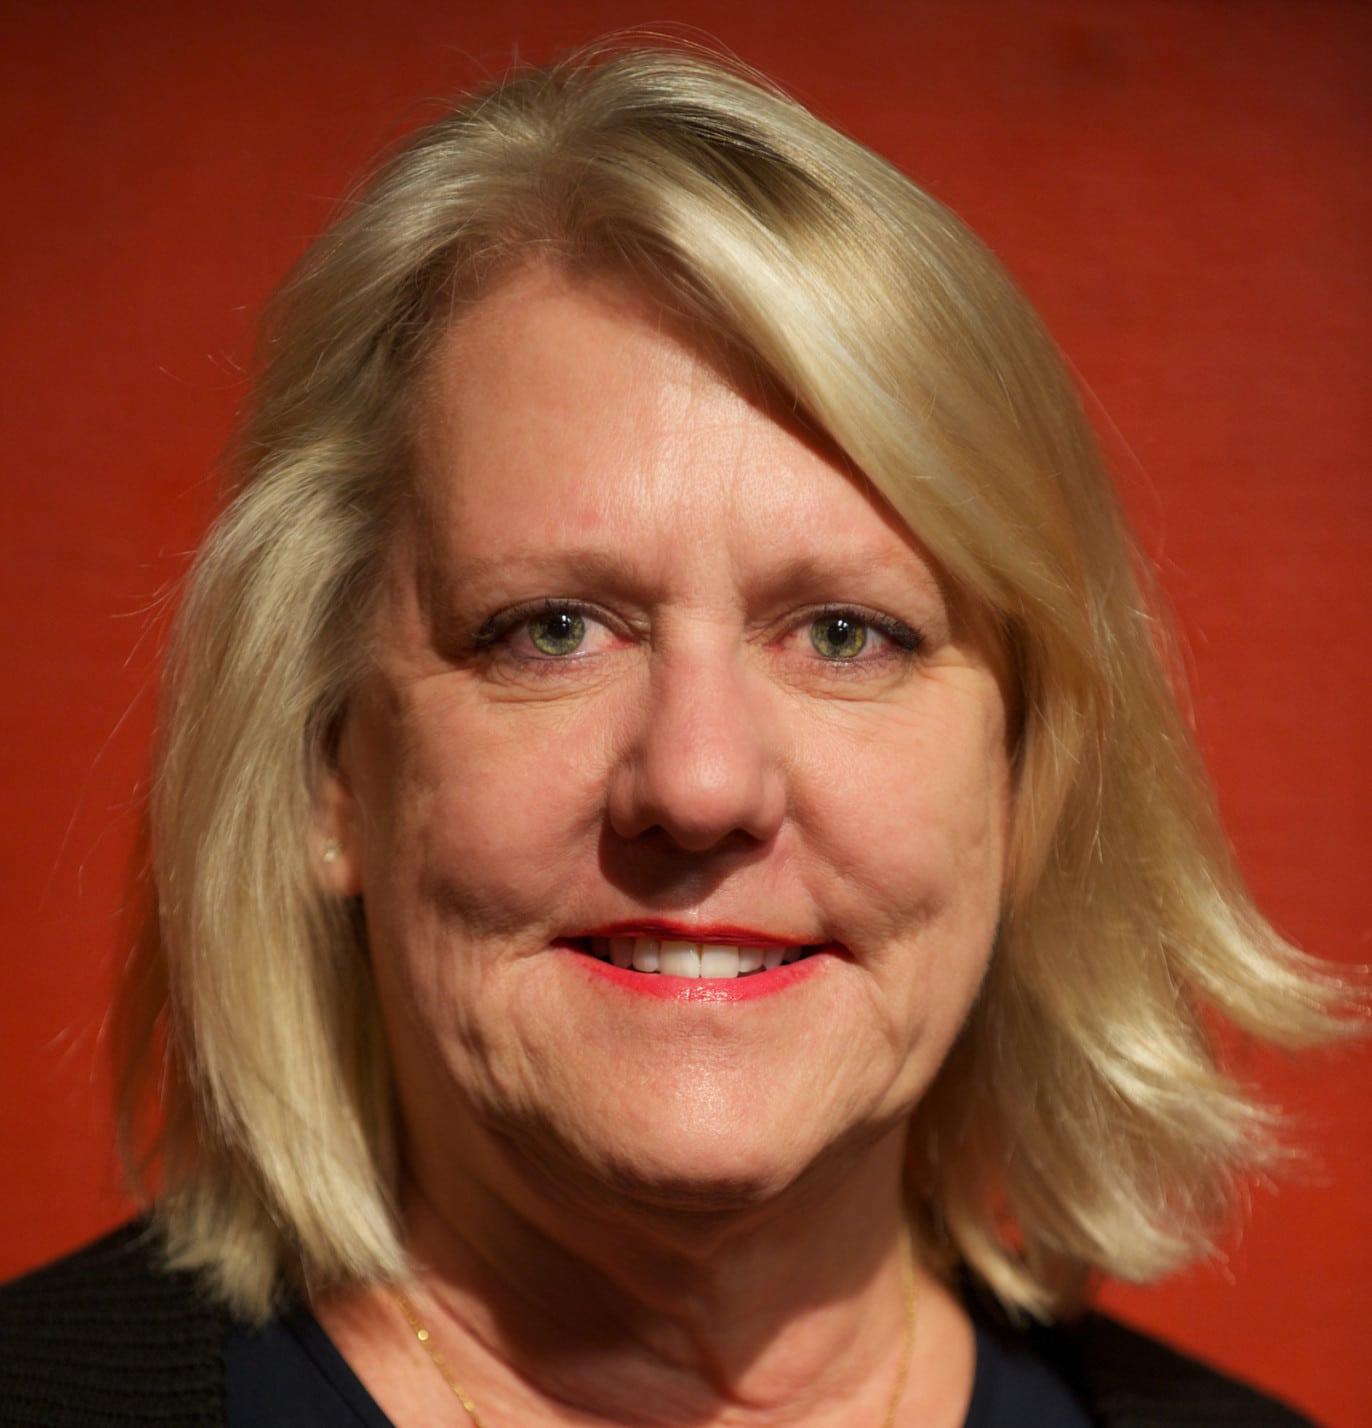 Jana Fay C-SPAN